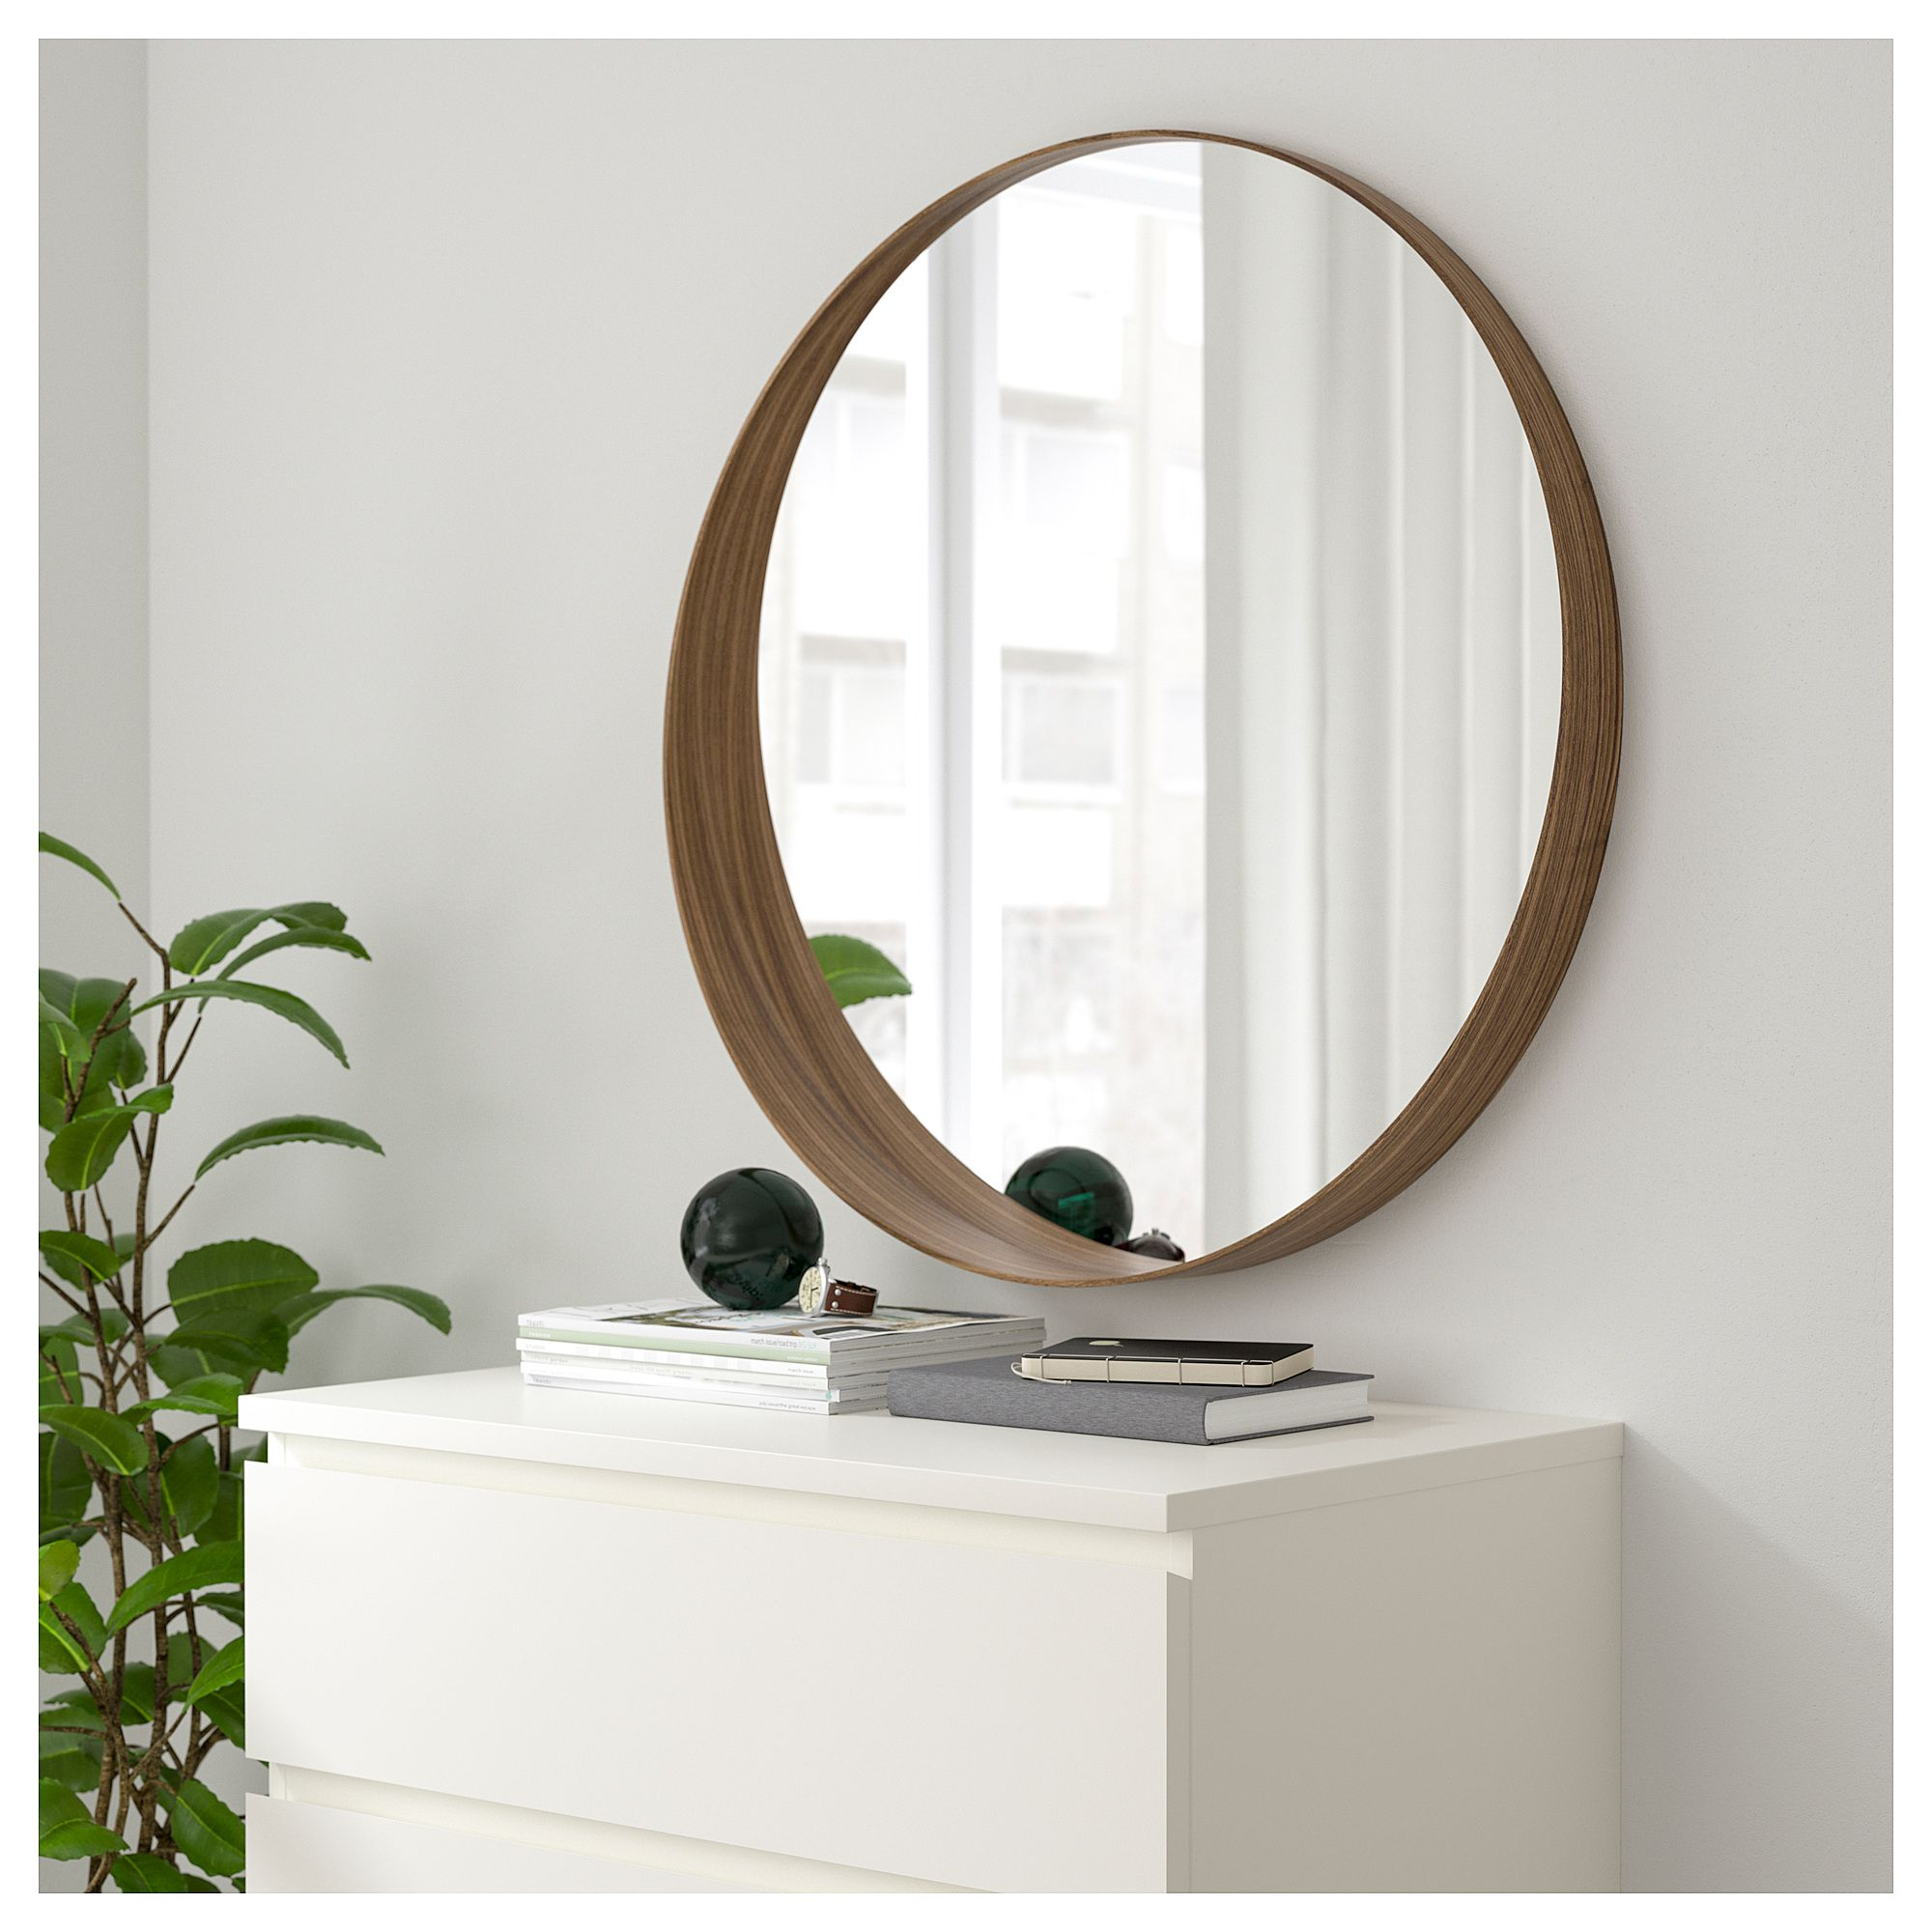 STOCKHOLM Mirror Walnut veneer 80 cm - IKEA | LArge living room ...